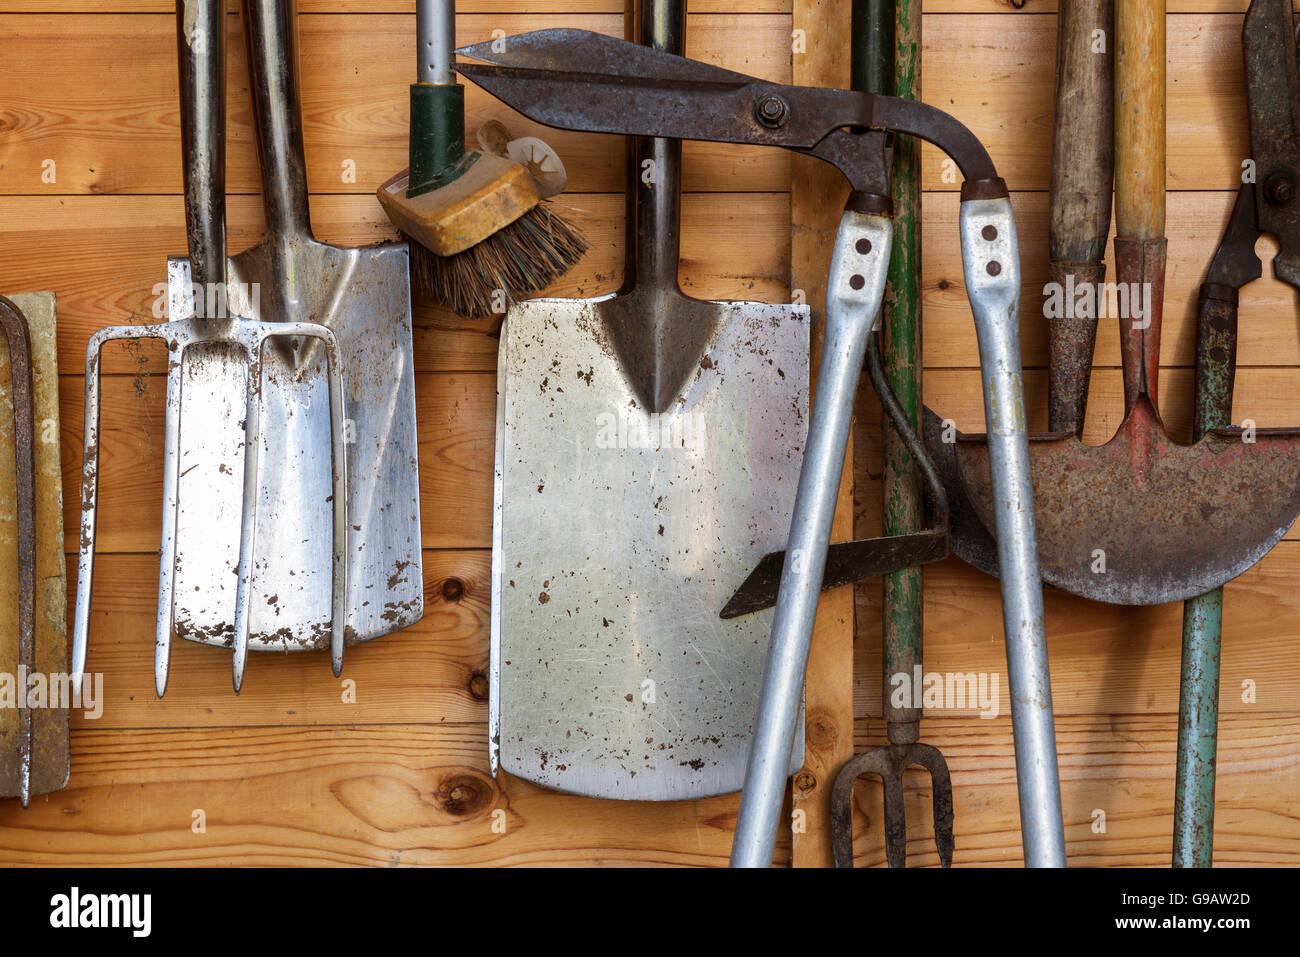 outils de jardin suspendu dans une cabane en bois banque d'images